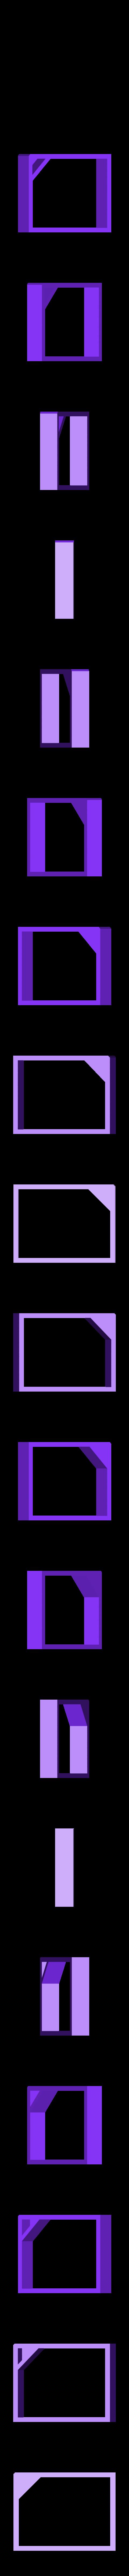 OrgBoxTest.stl Télécharger fichier STL gratuit Organisateur d'ustensiles cosmétiques • Design à imprimer en 3D, Duskwin